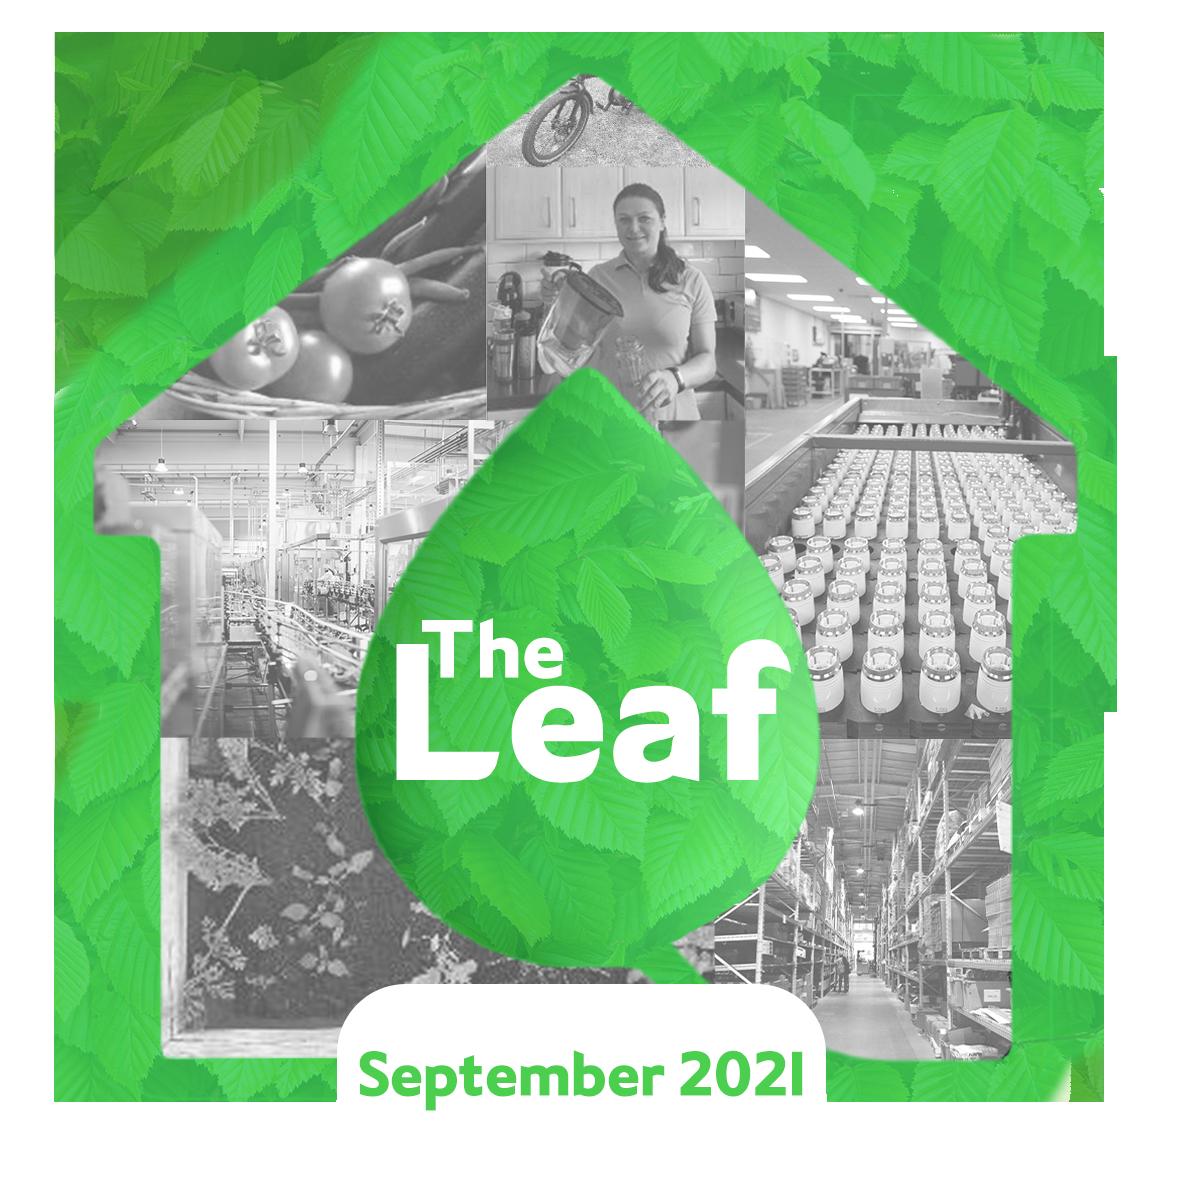 The Leaf - Drayton Sustainability Blog - Logo Sep 2021